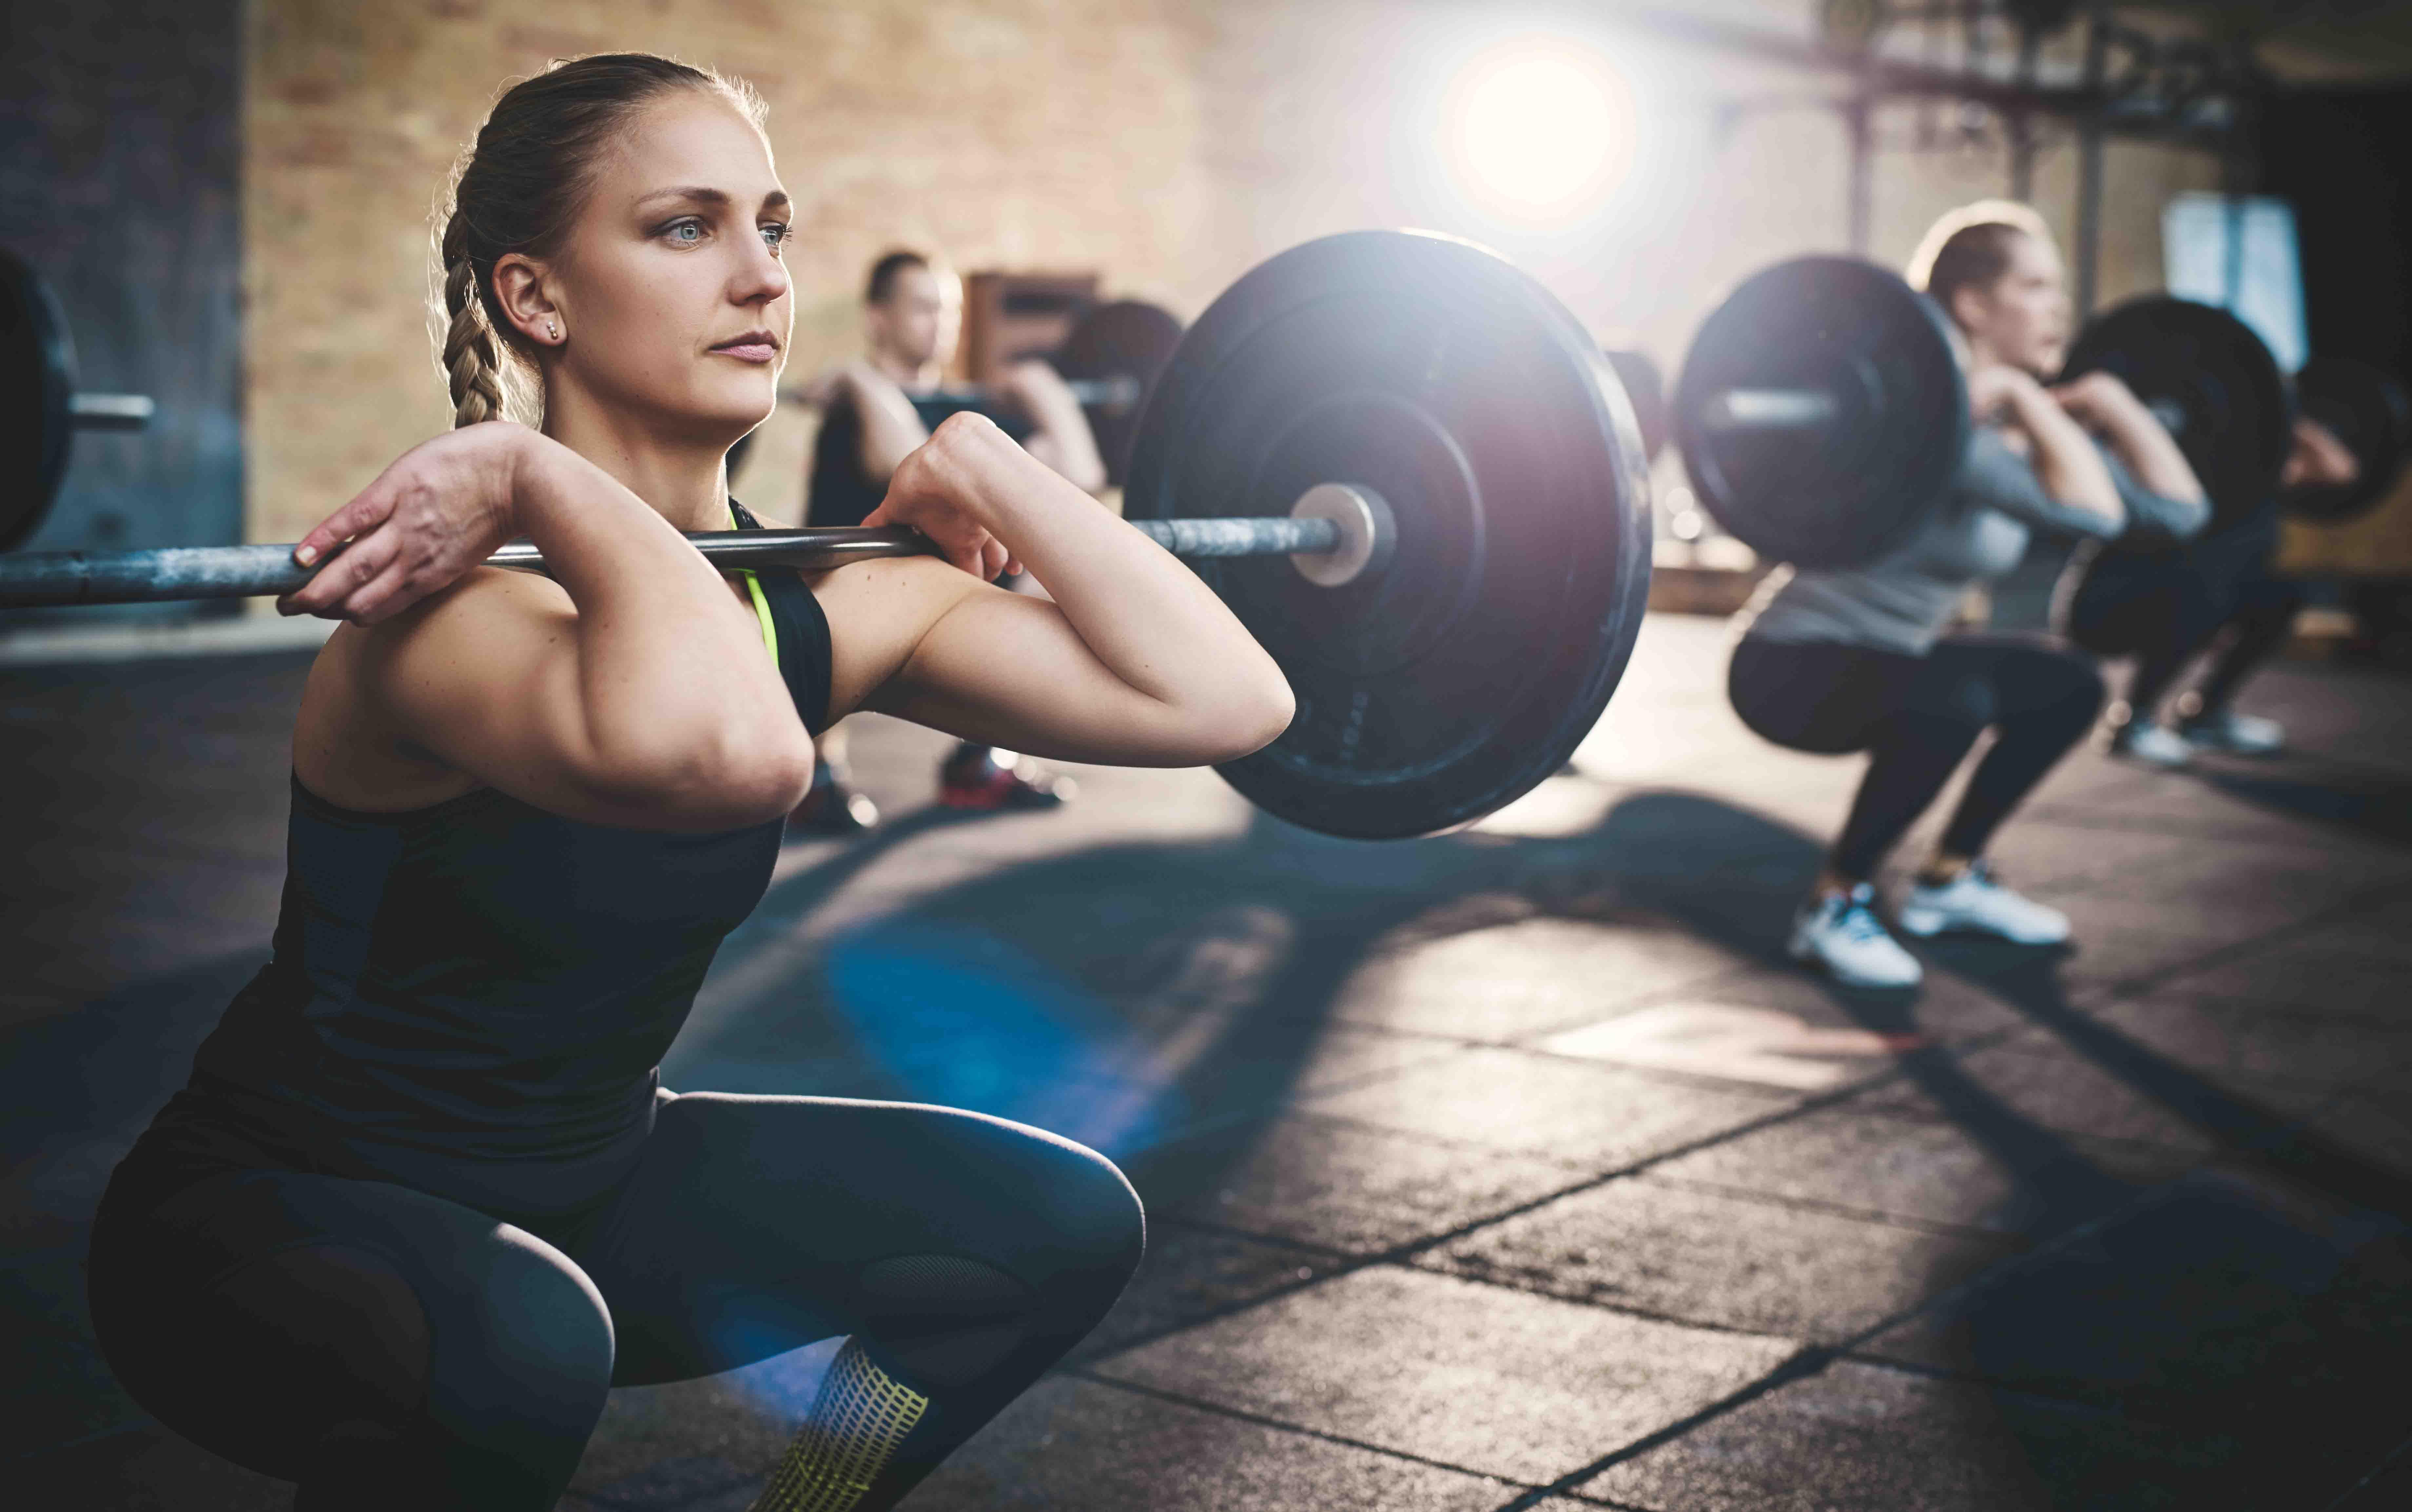 3 популярных мифа о силовых тренировках, которые стоит забыть навсегда в 2019 году